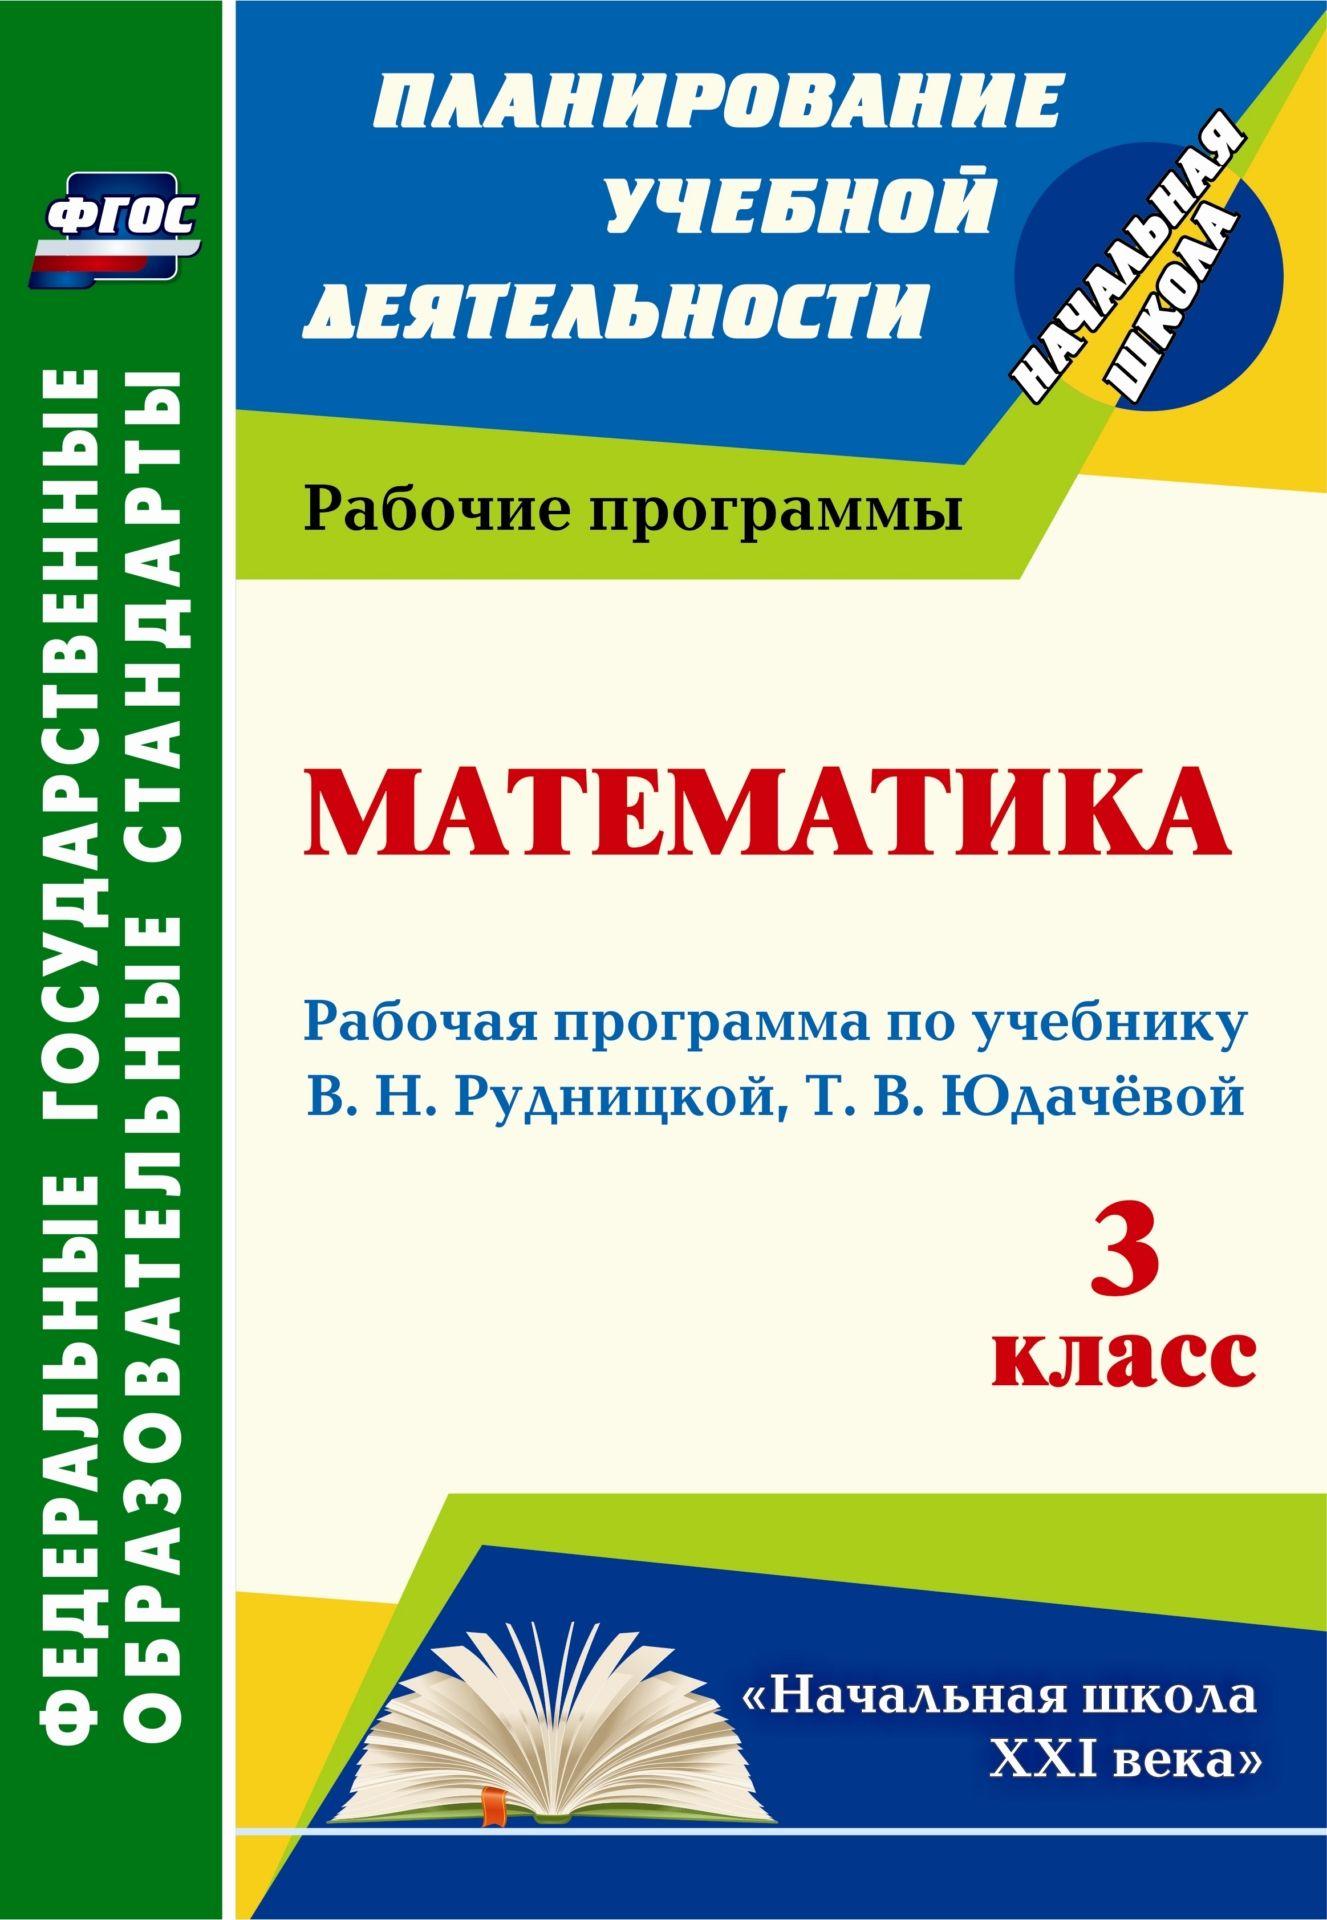 Математика. 3 класс: рабочая программа по учебнику В. Н. Рудницкой, Т. В. Юдачёвой